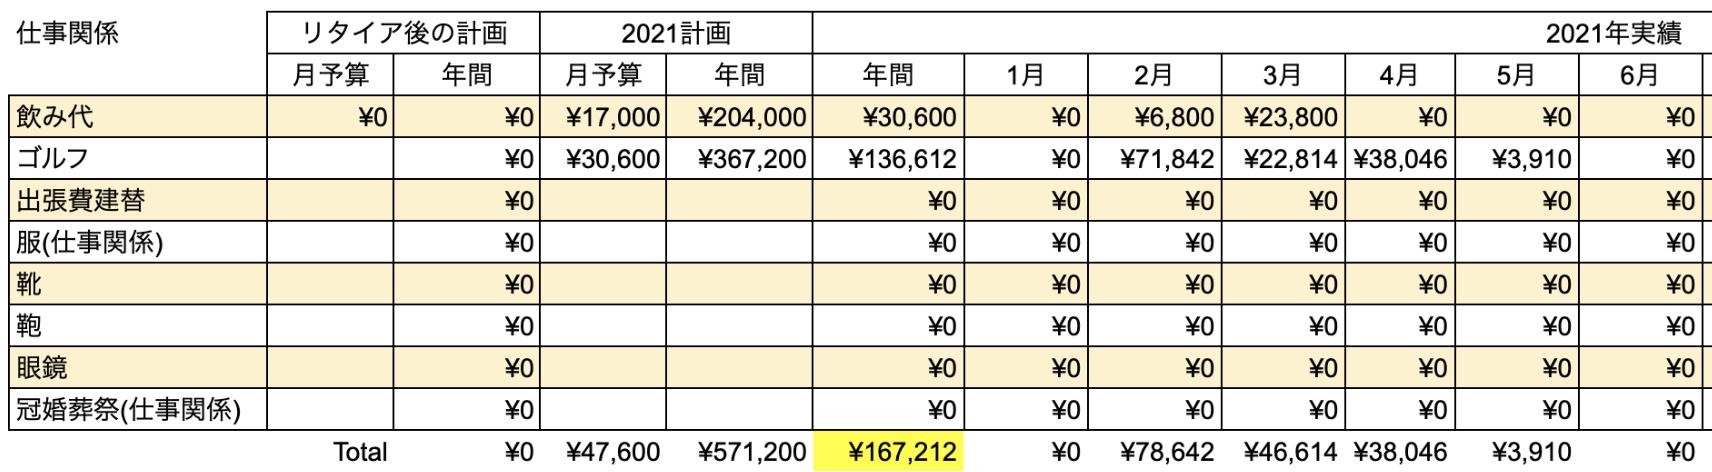 支出実績2021年6月_仕事関係費